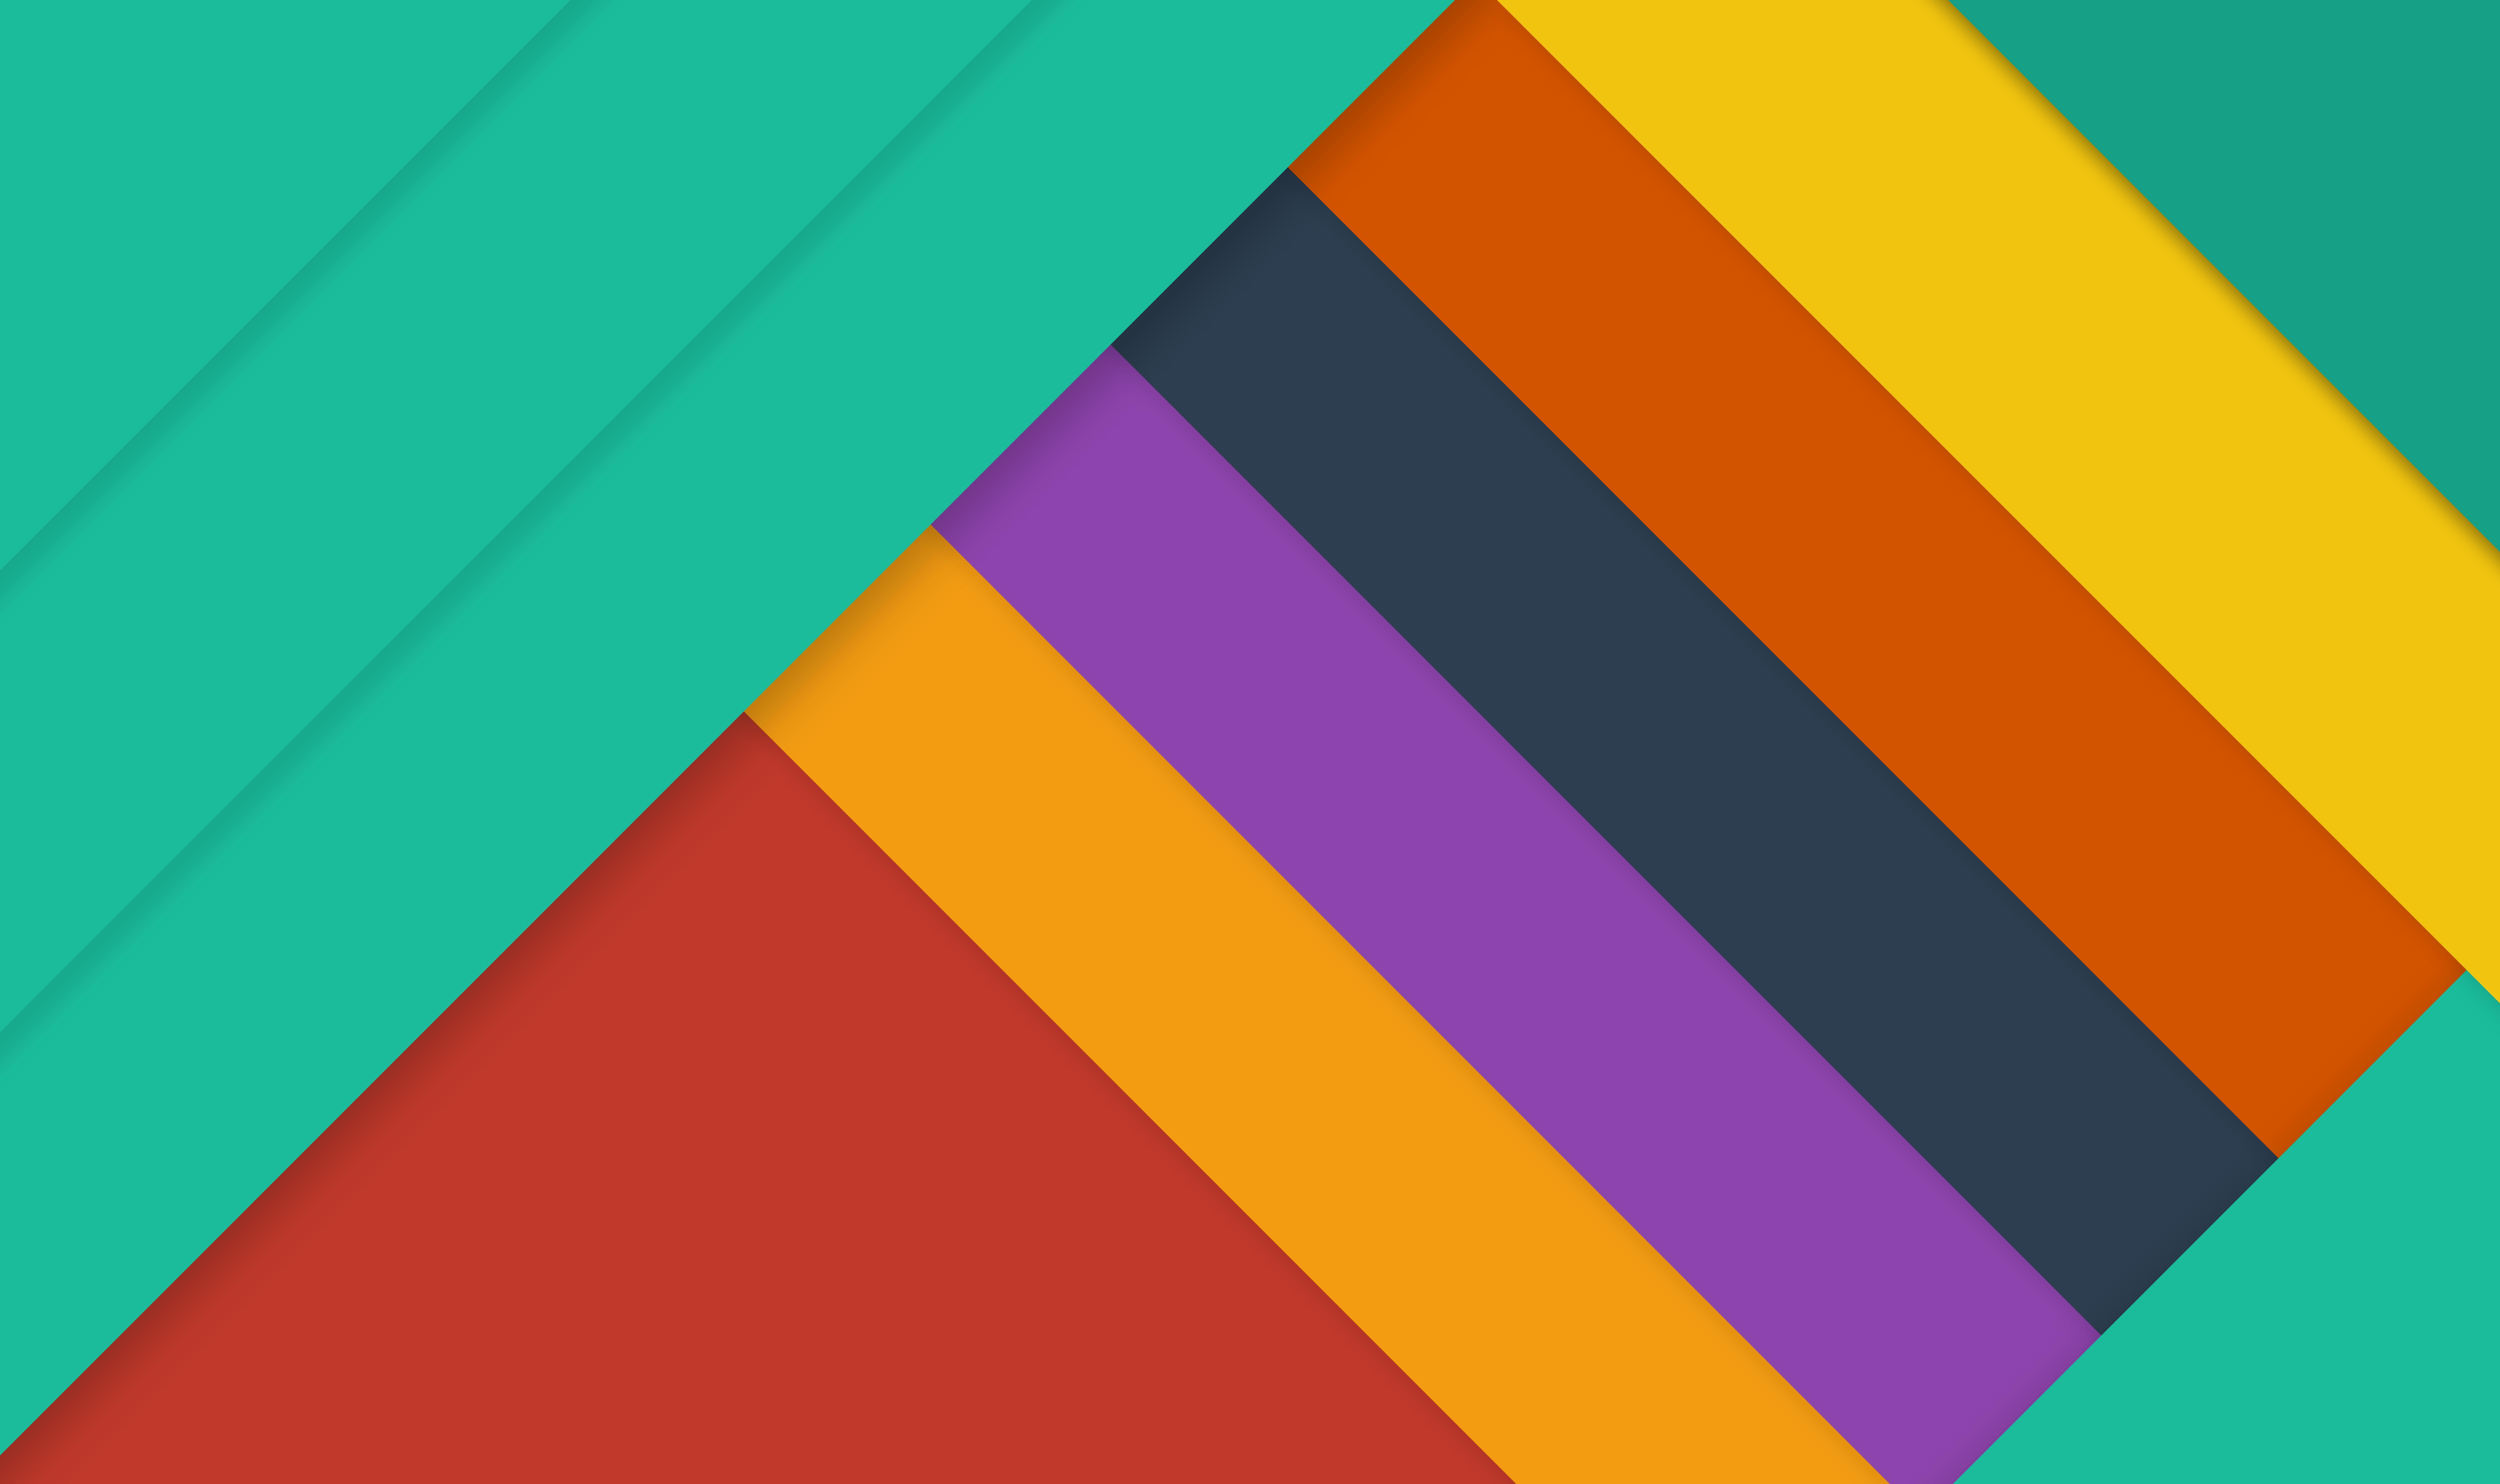 Color Palette - HD Wallpaper